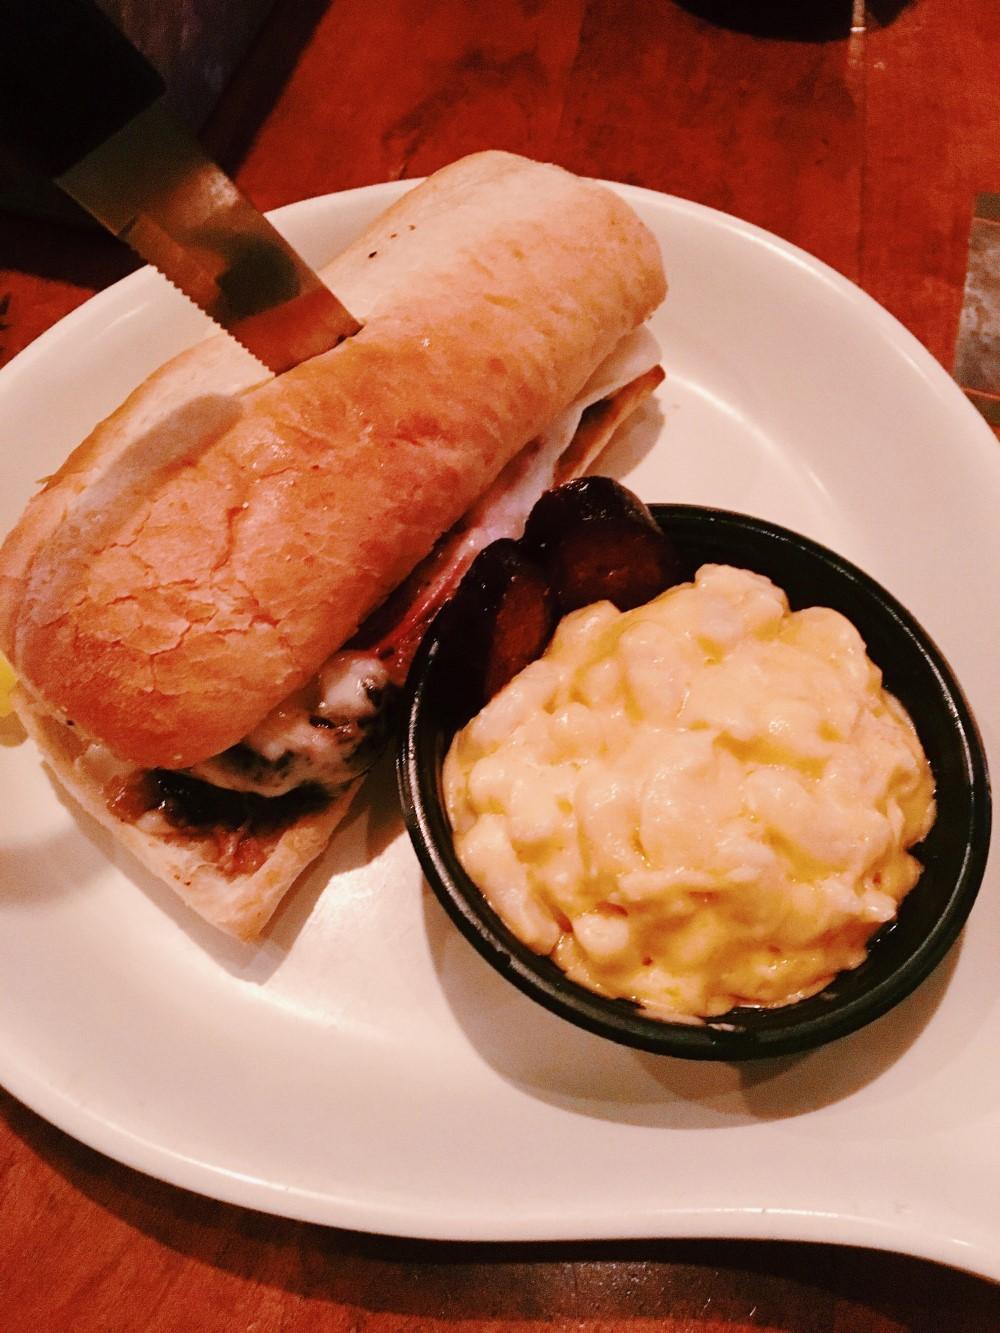 NoBull sandwich plate